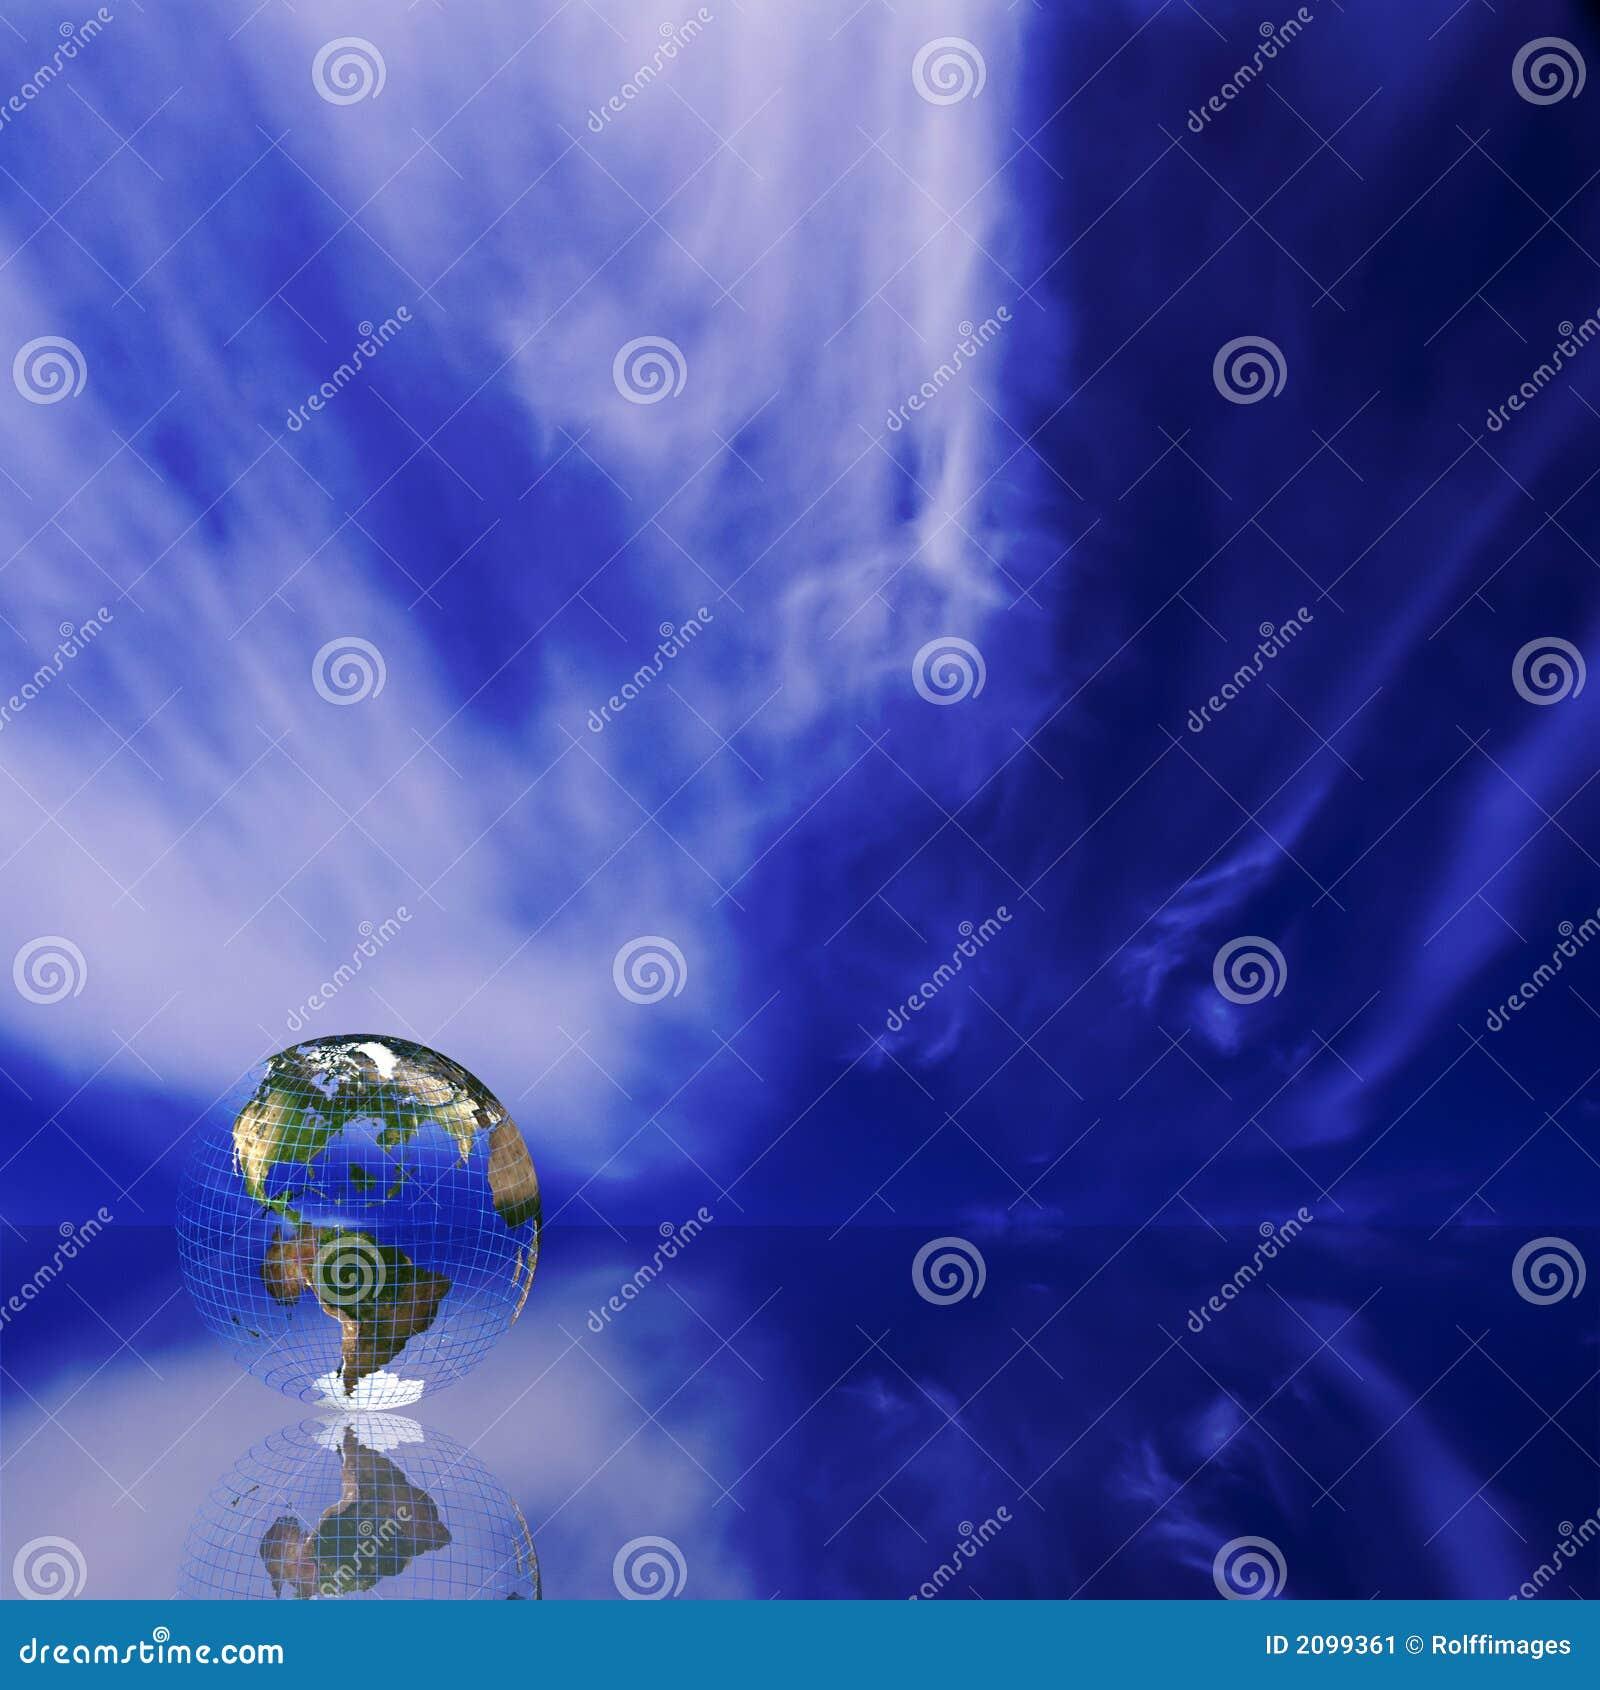 Global Background